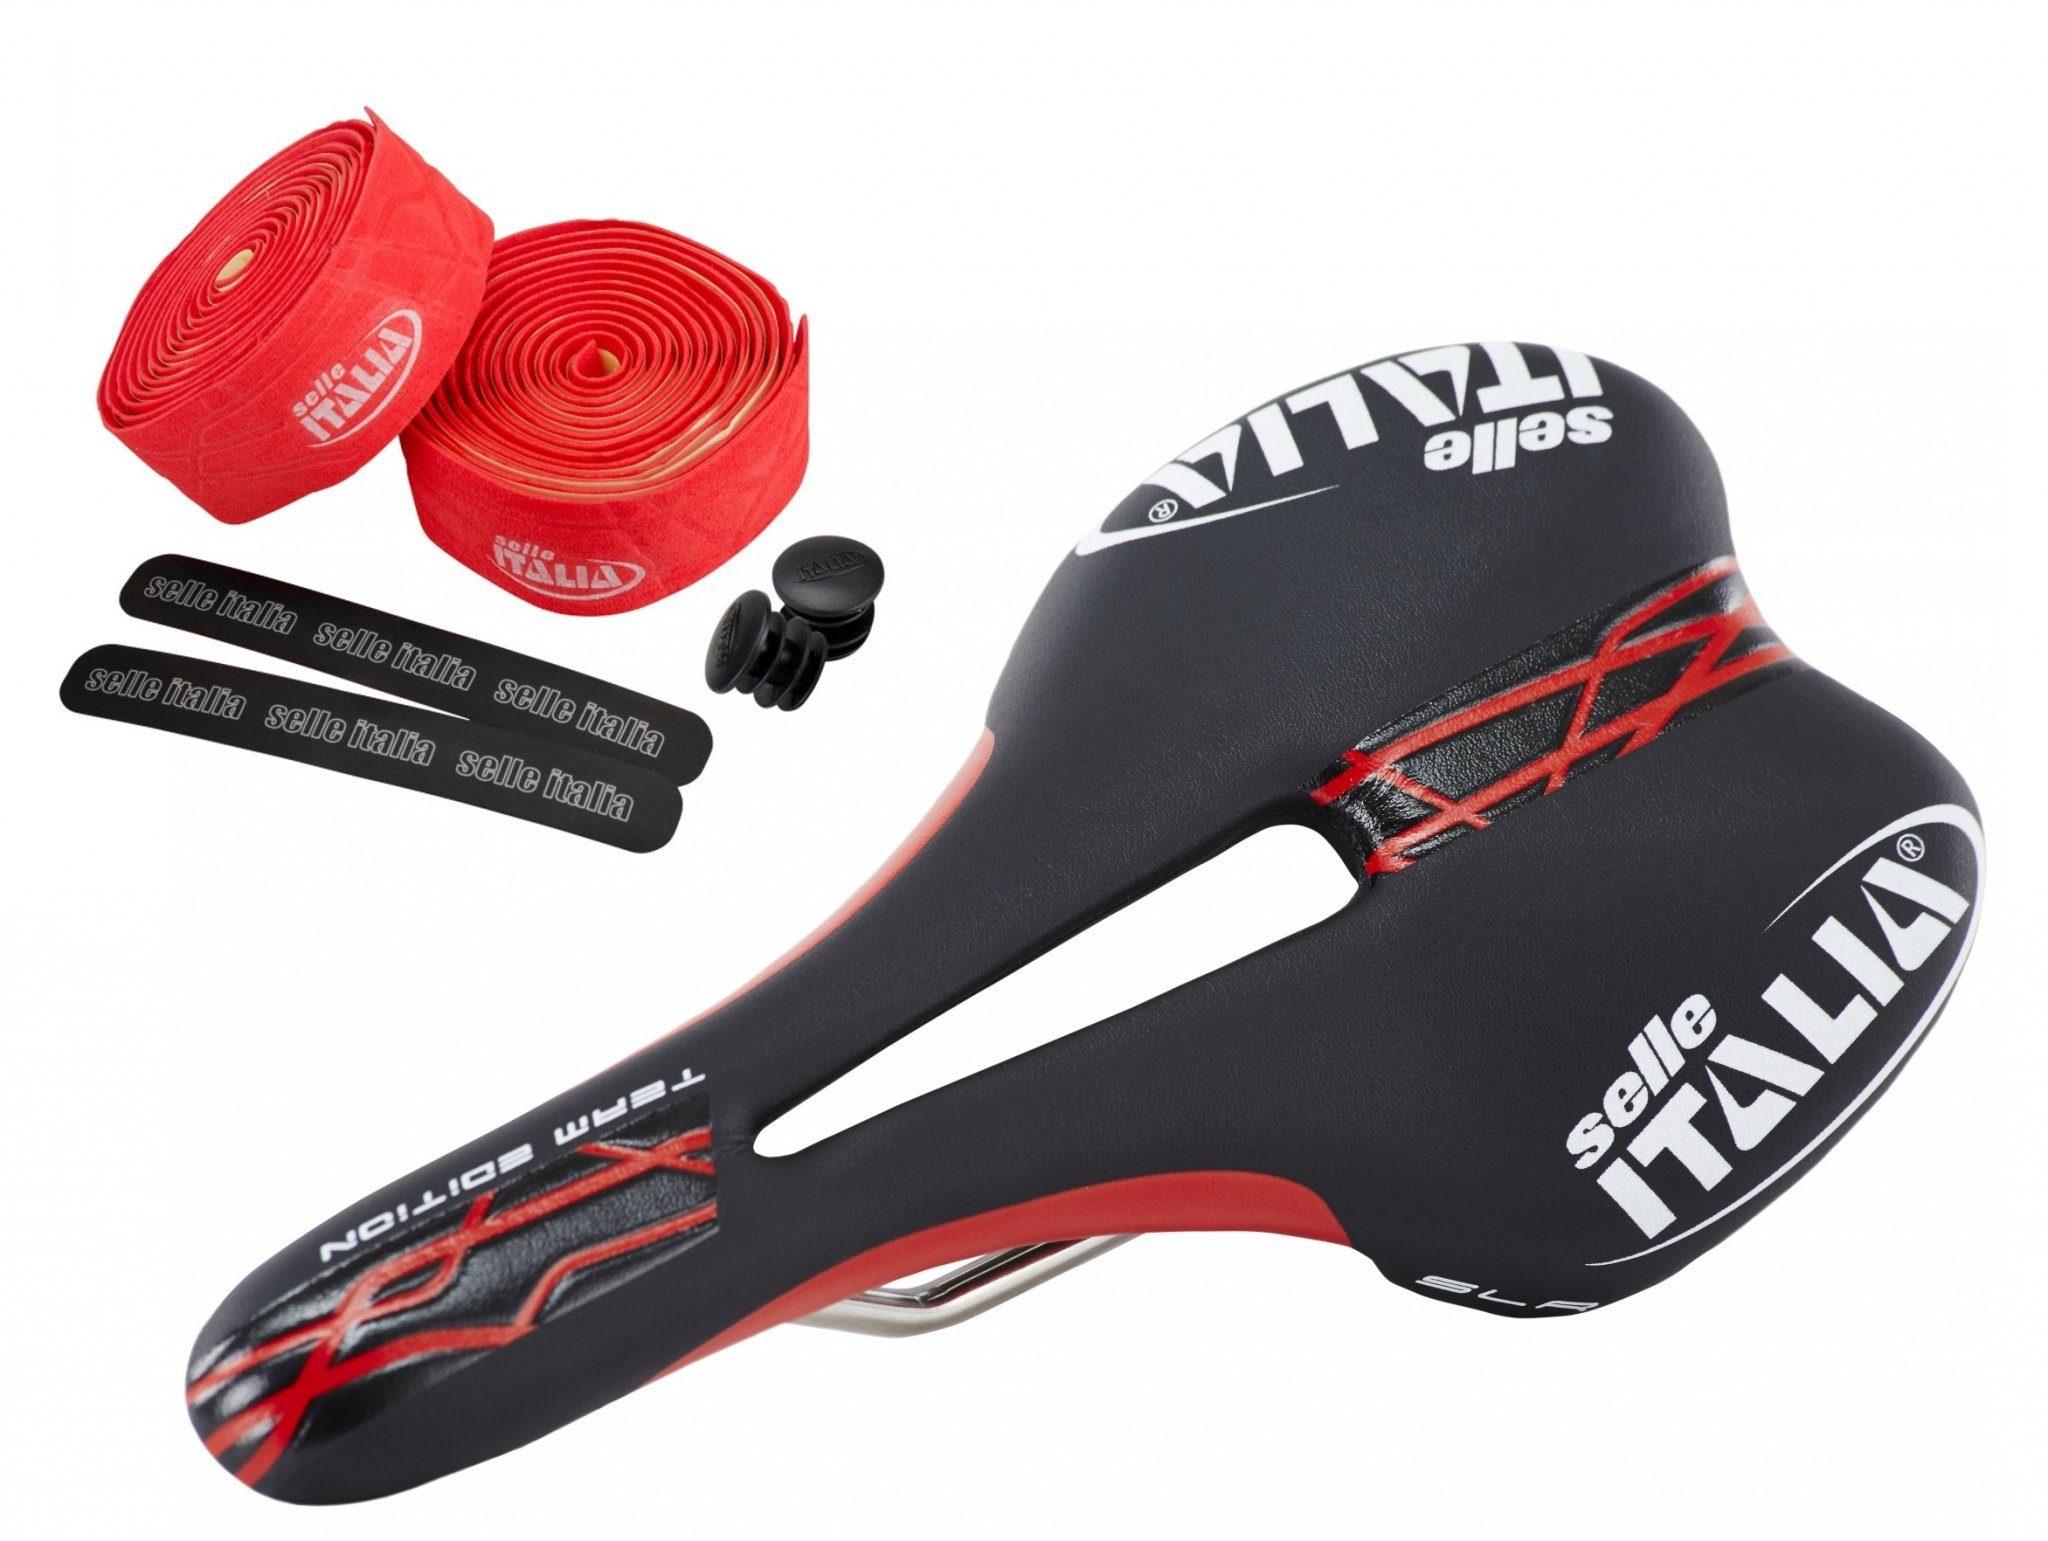 Selle Italia Fahrradsattel »SLR Team Edition Flow Set«